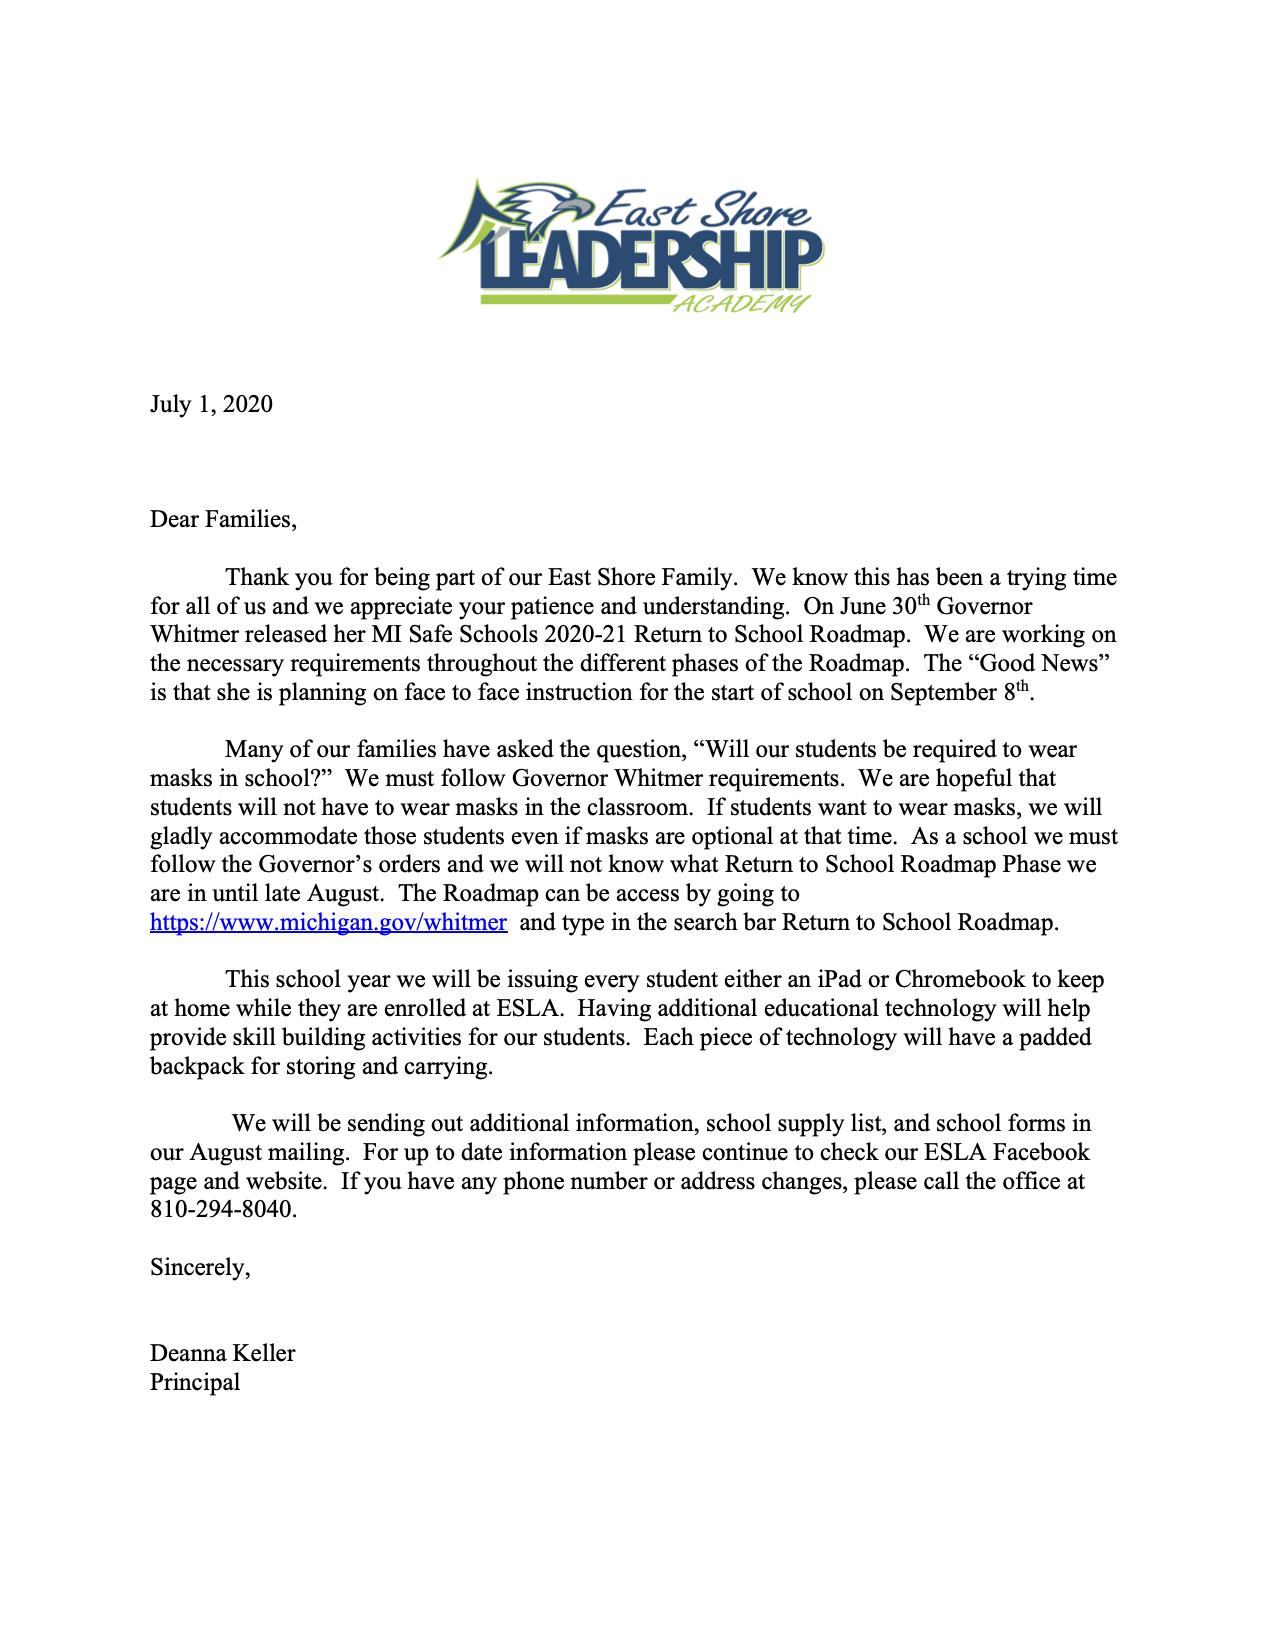 Parent letter June 2020